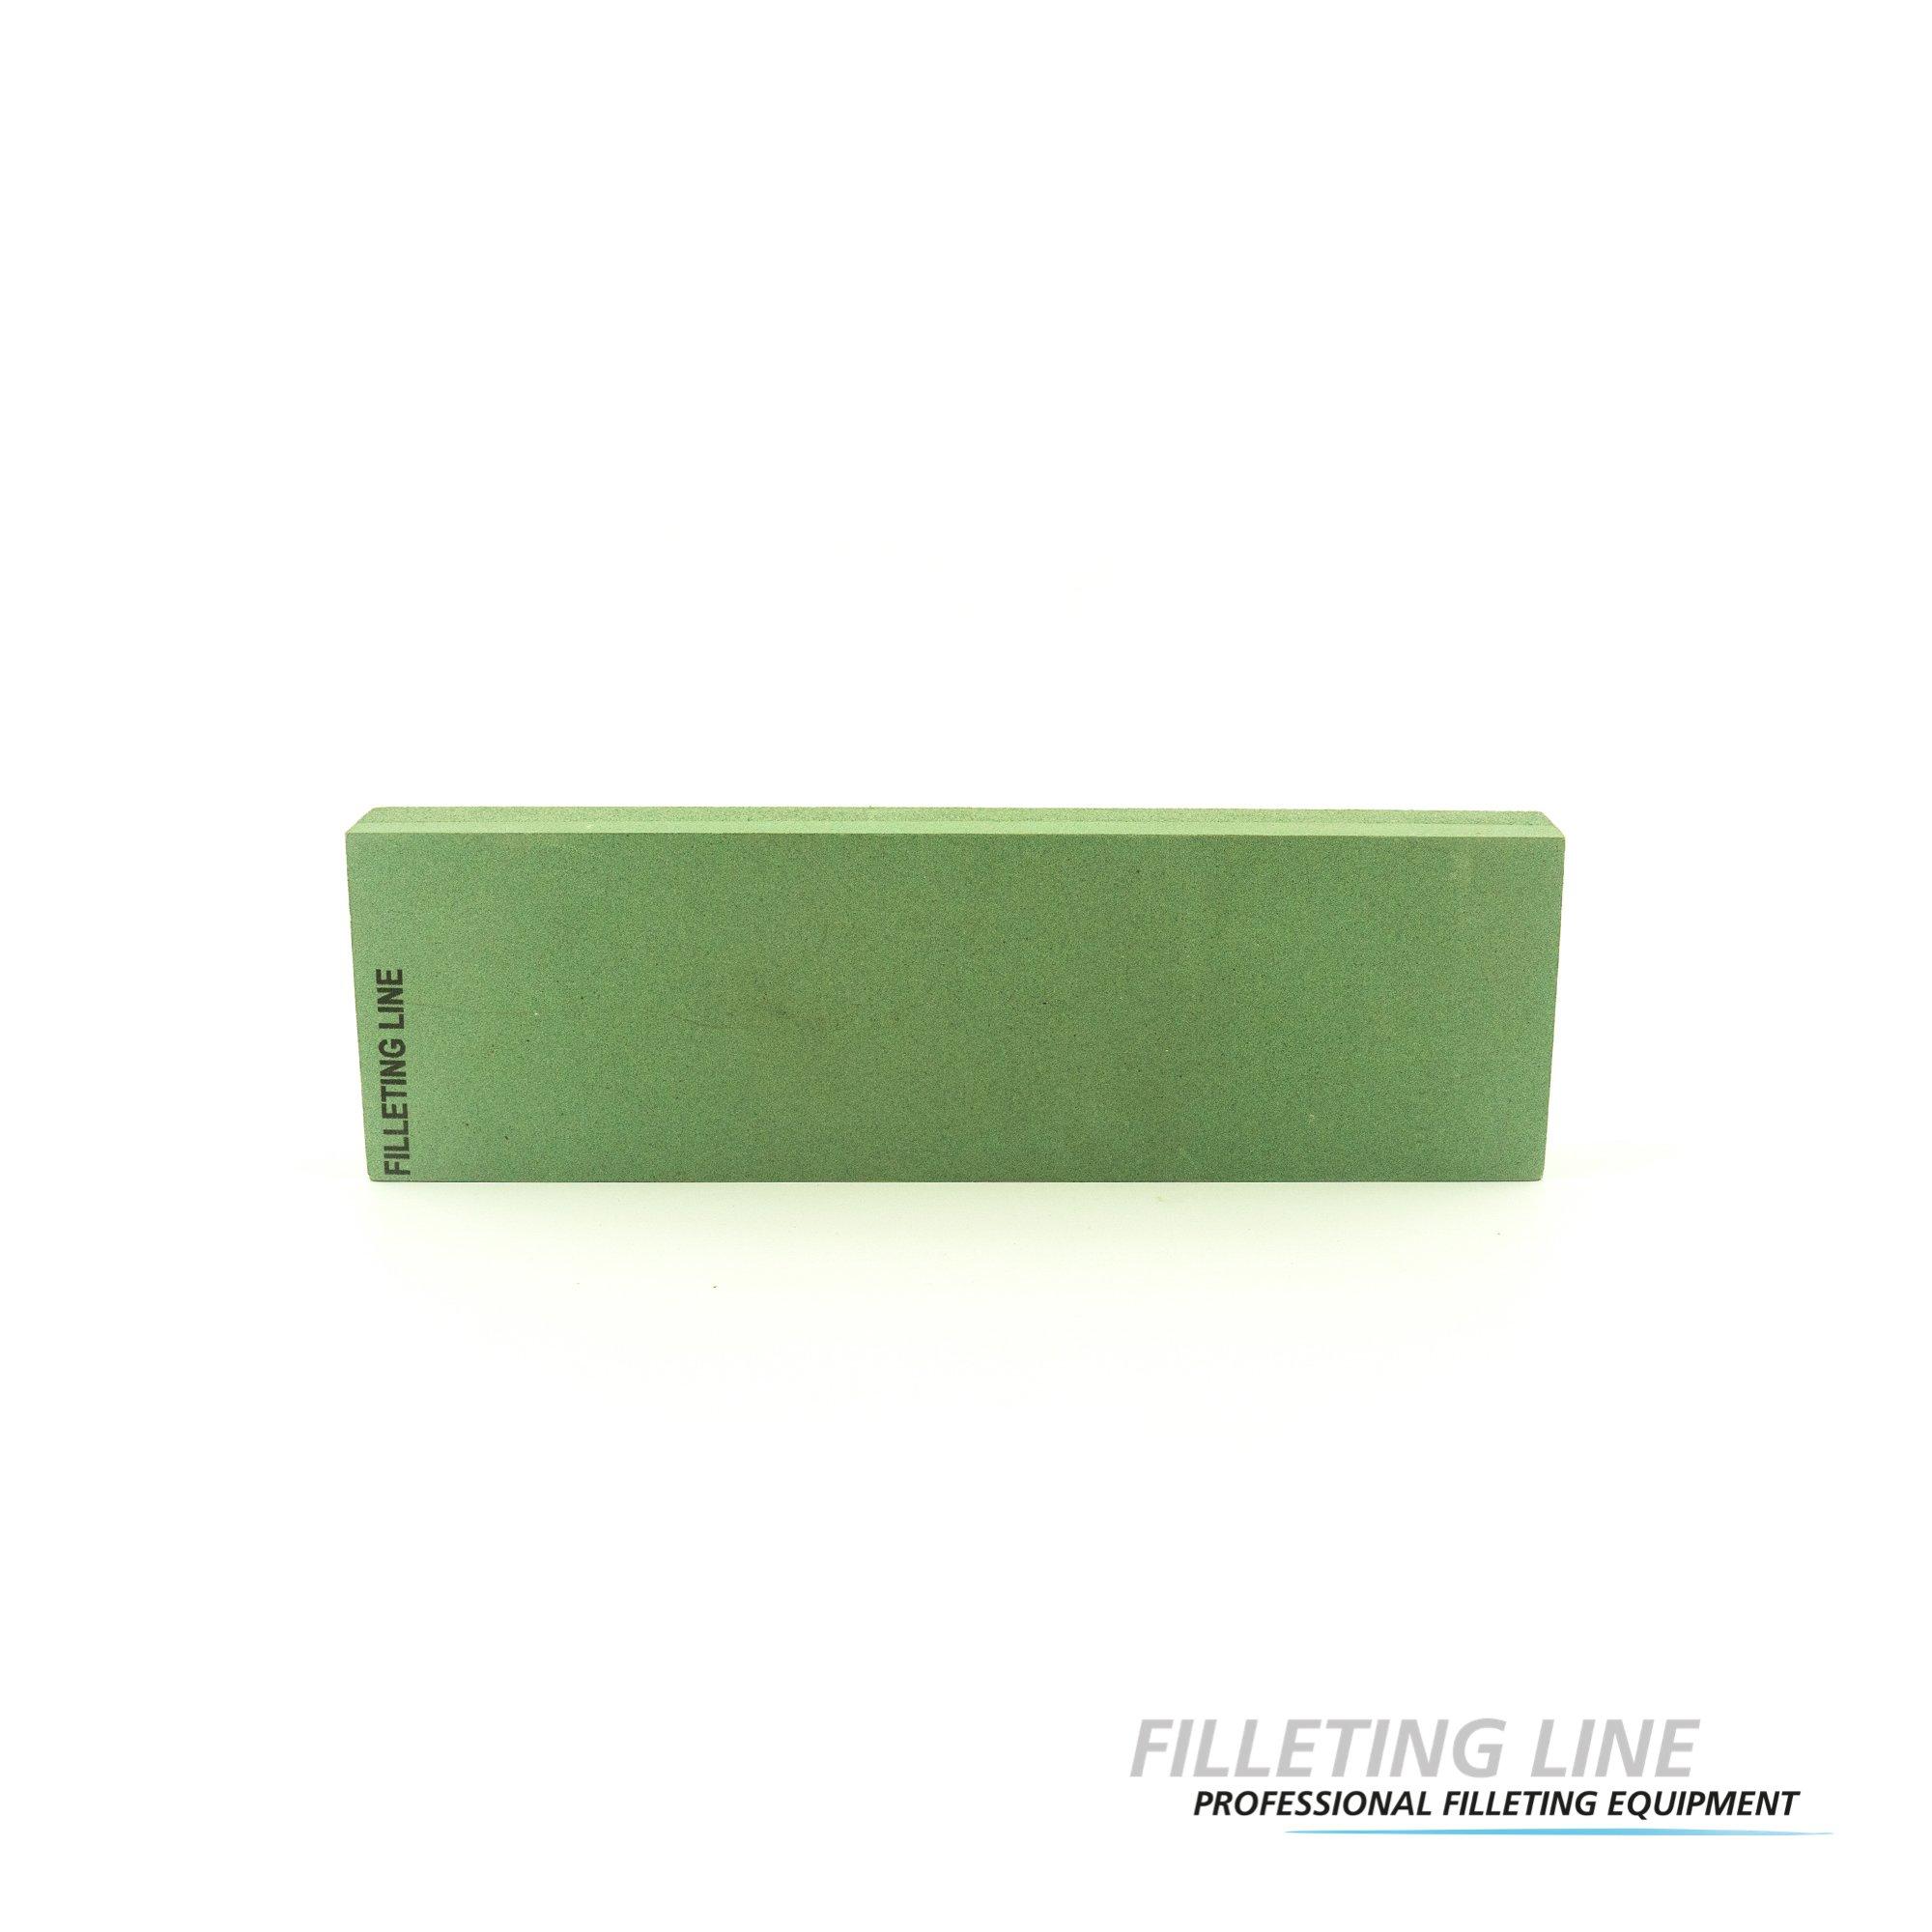 FILLETING LINE_2000x2000_RECHT_logo-28